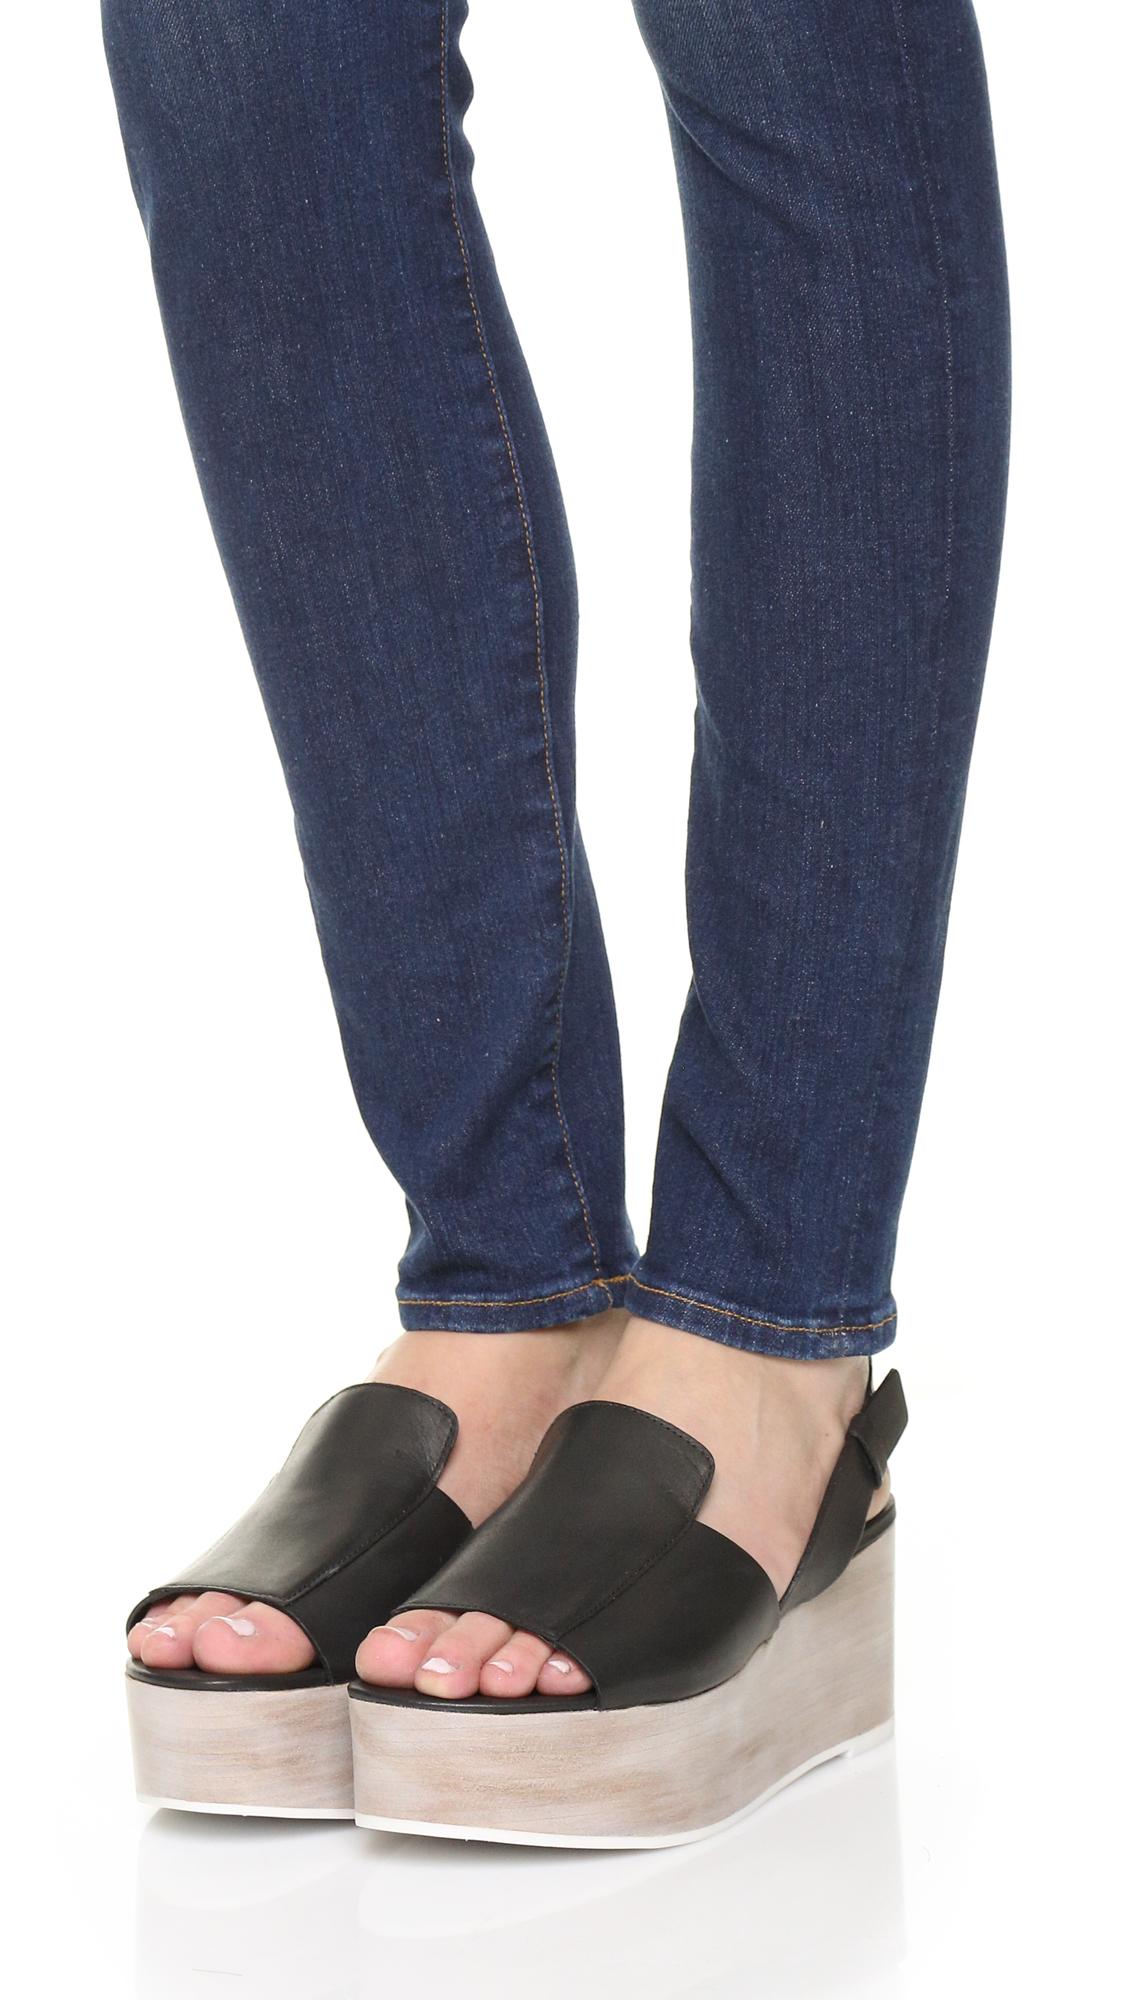 e247443b69f Tibi Alex Flatform Sandals